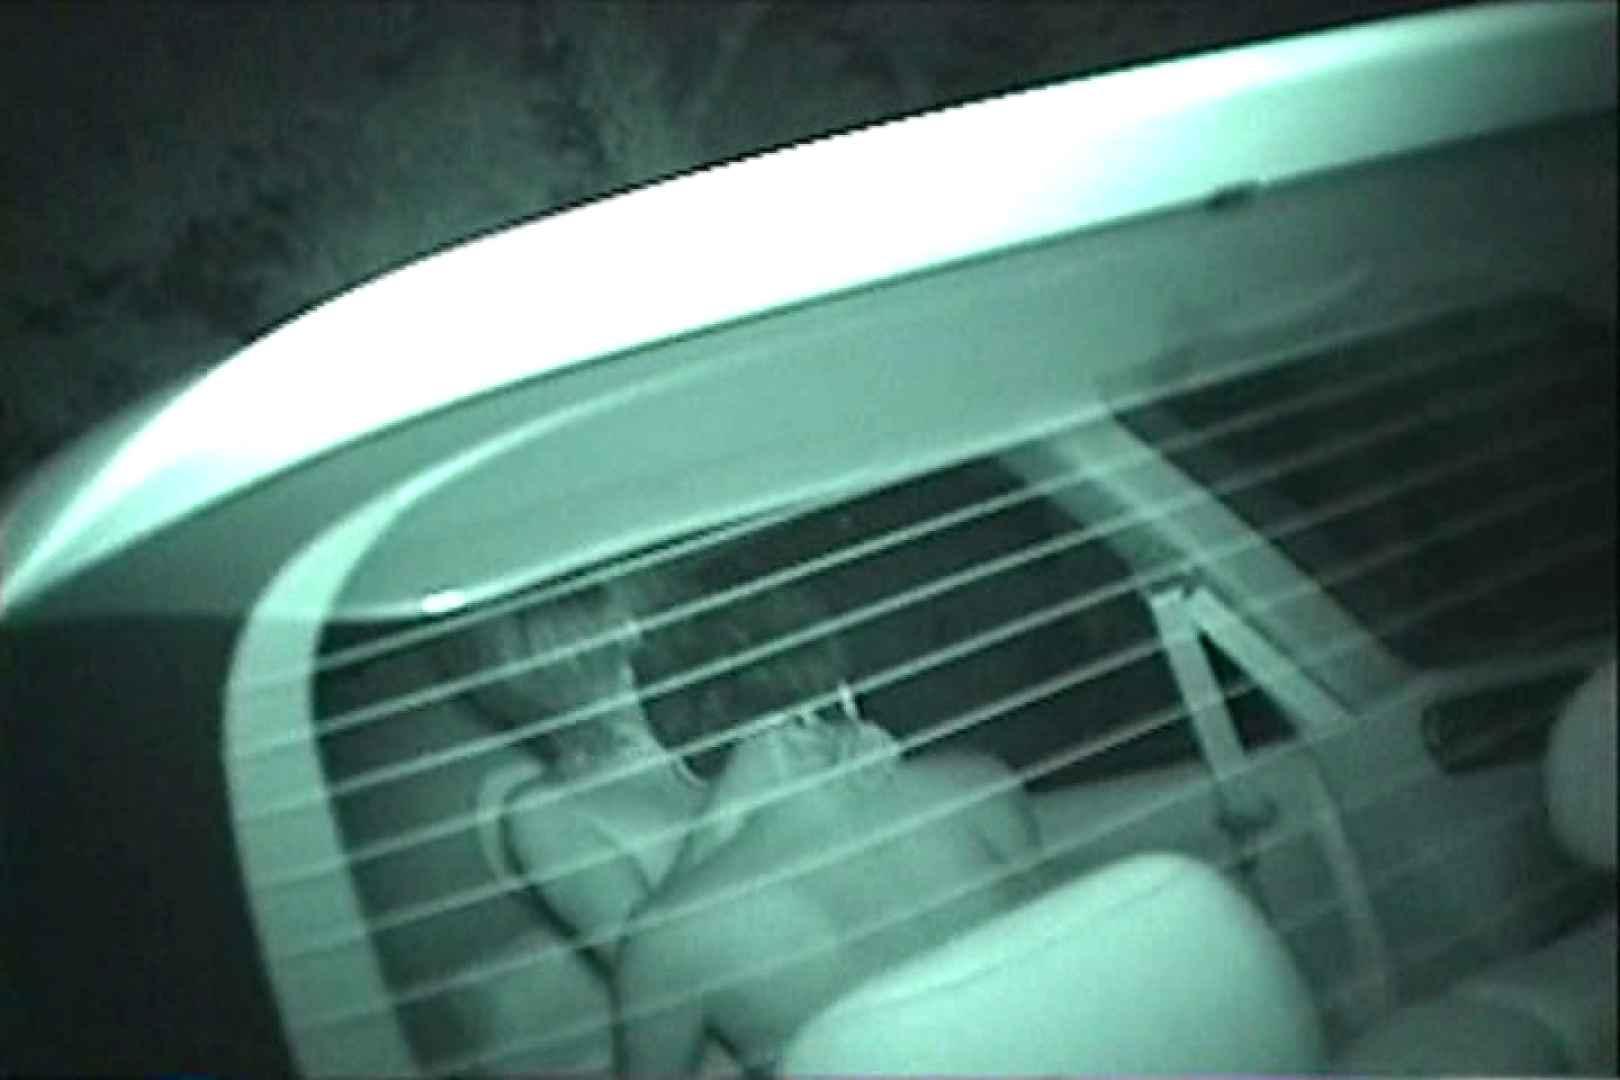 車の中はラブホテル 無修正版  Vol.28 ホテル のぞき動画キャプチャ 99pic 30